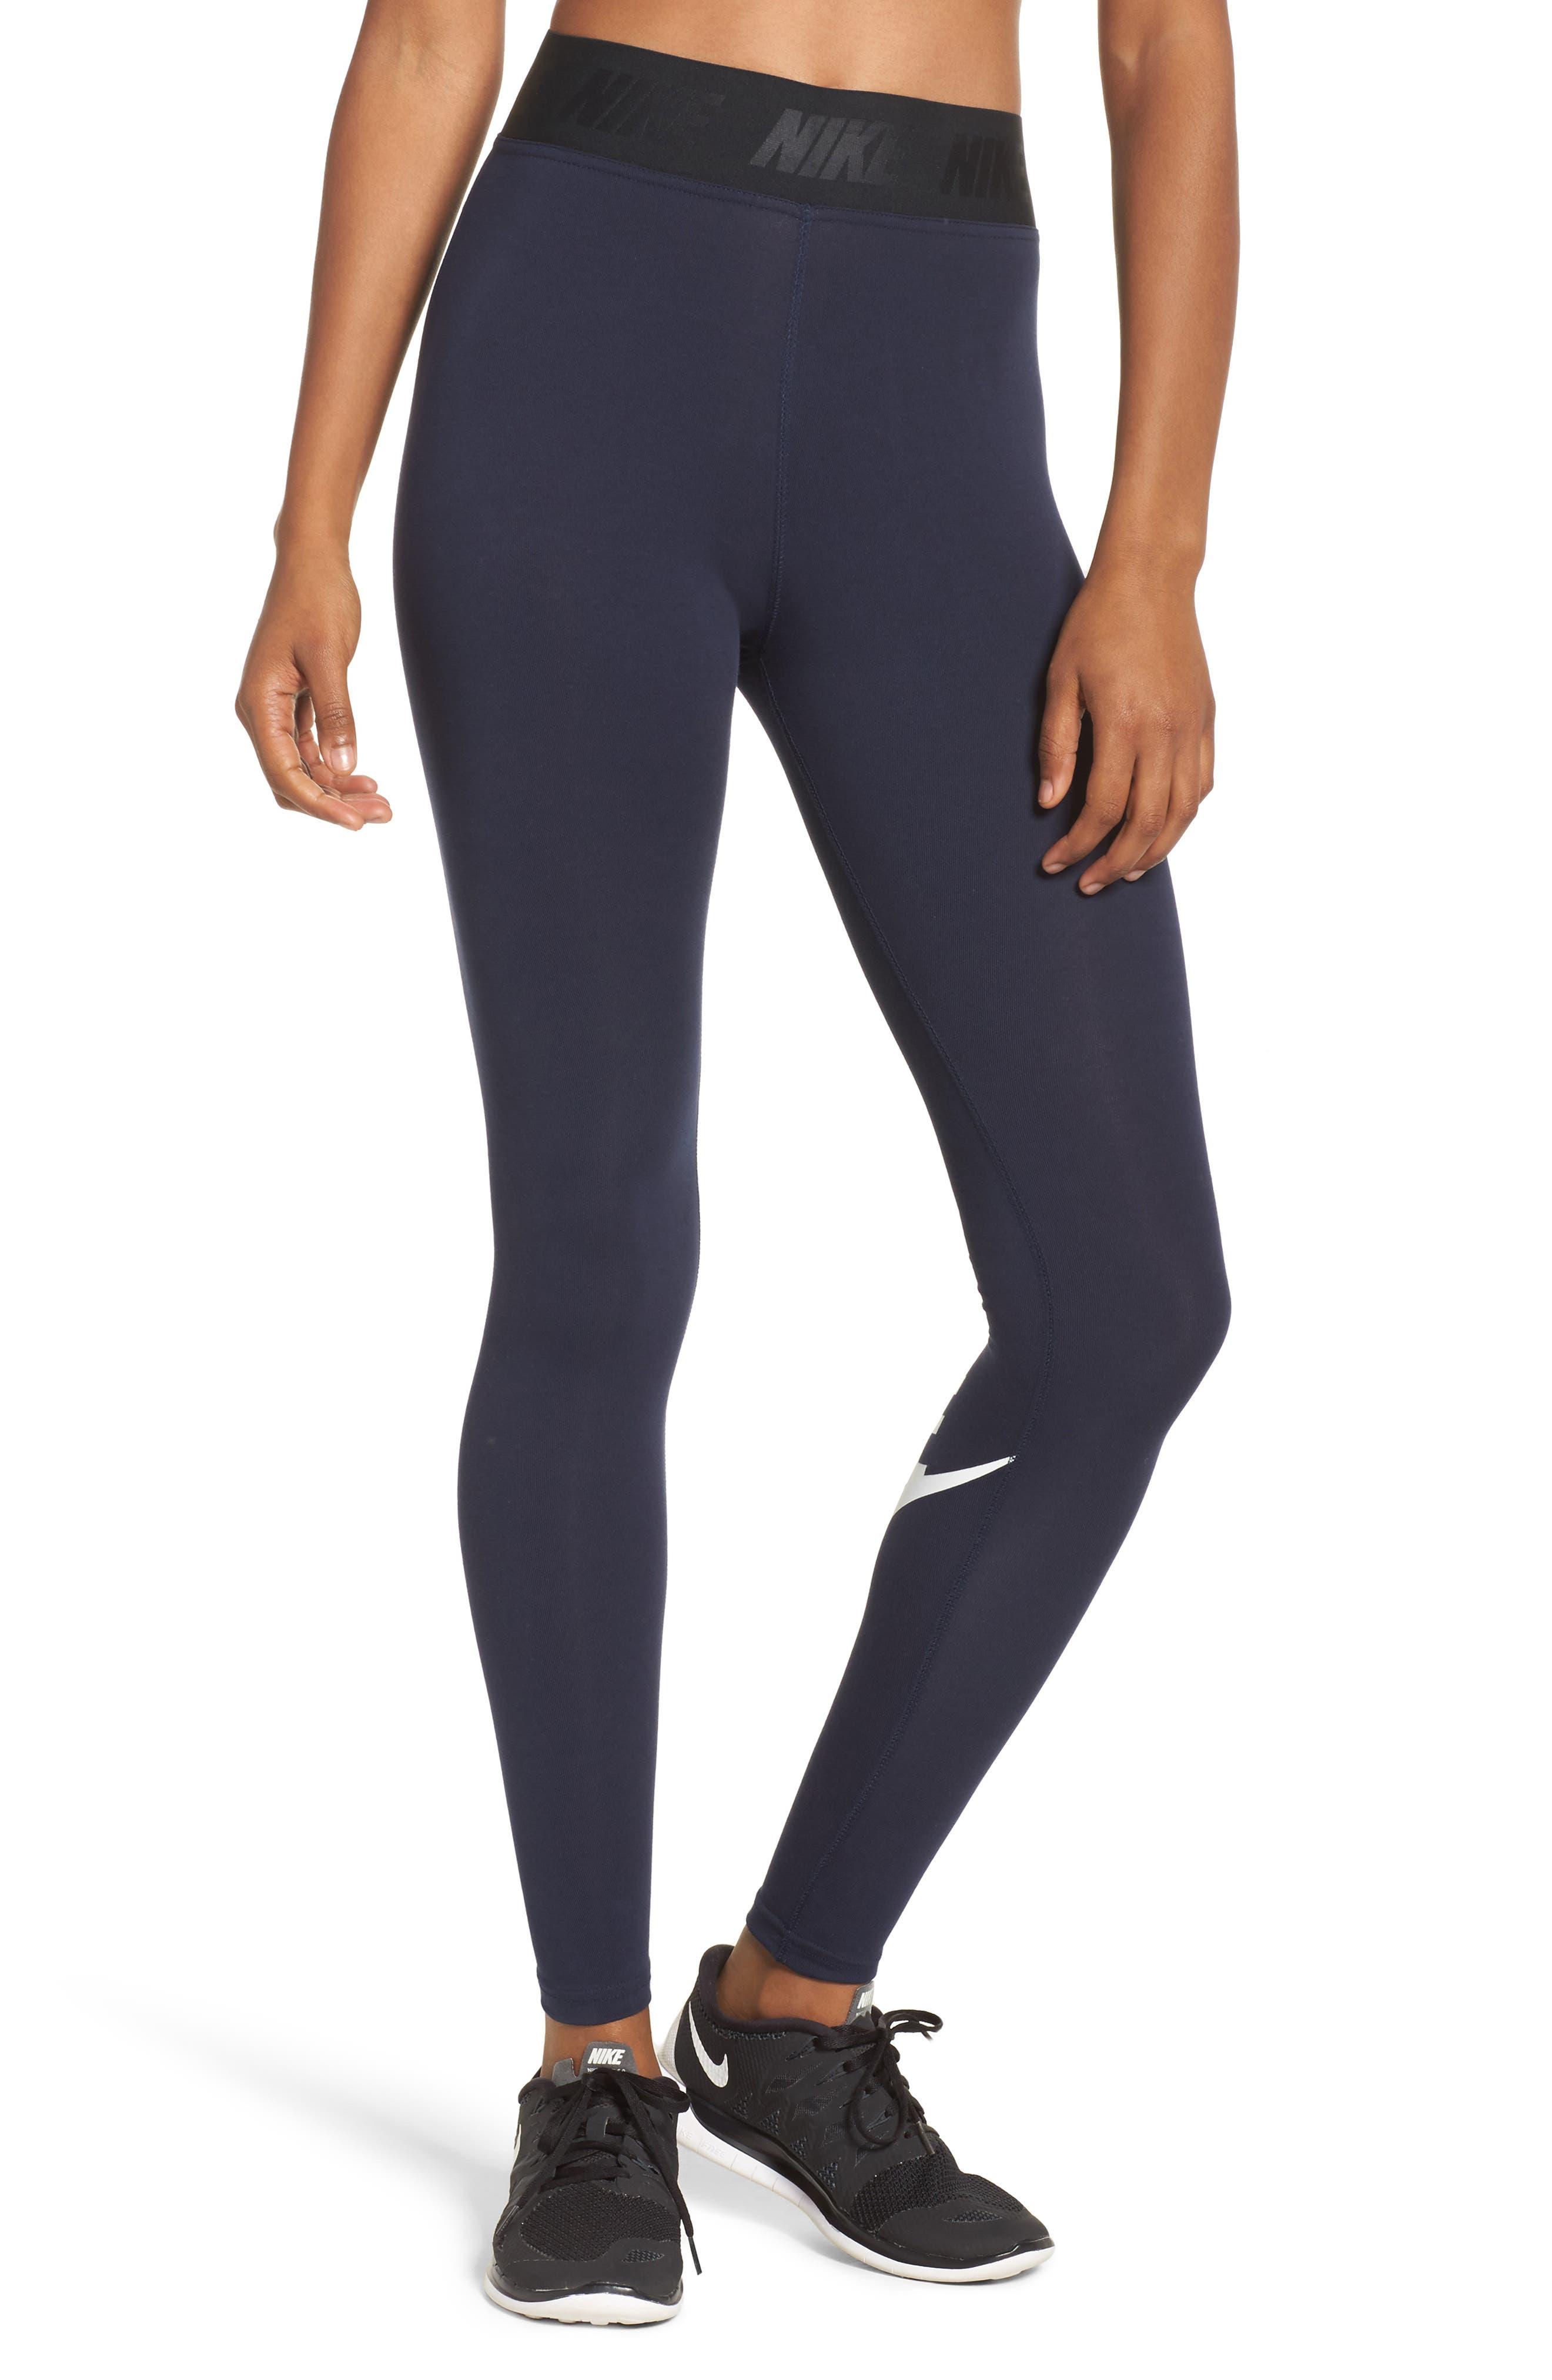 Nike Leg-a-See High Waist Leggings